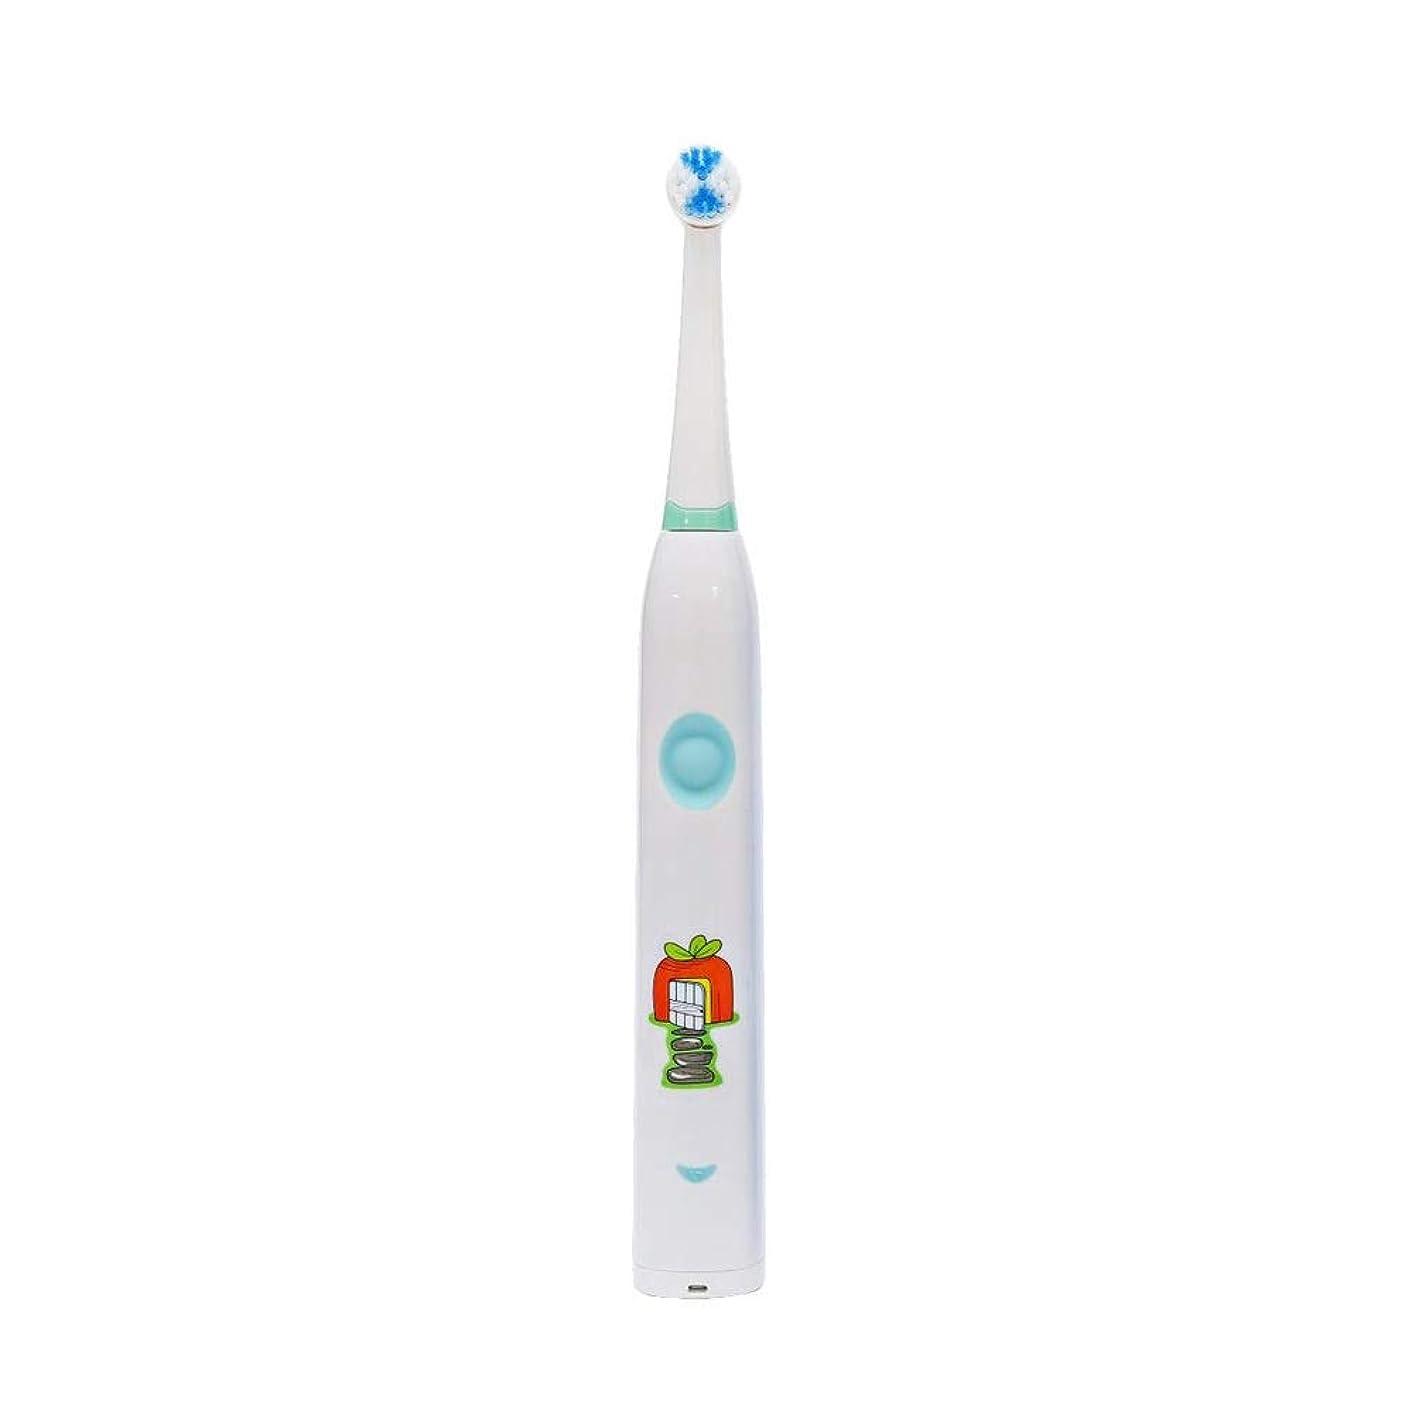 男らしさゆりリアル子供用電動歯ブラシかわいいUSB充電式歯ブラシ 完全な口腔ケアのために (色 : 白, サイズ : Free size)